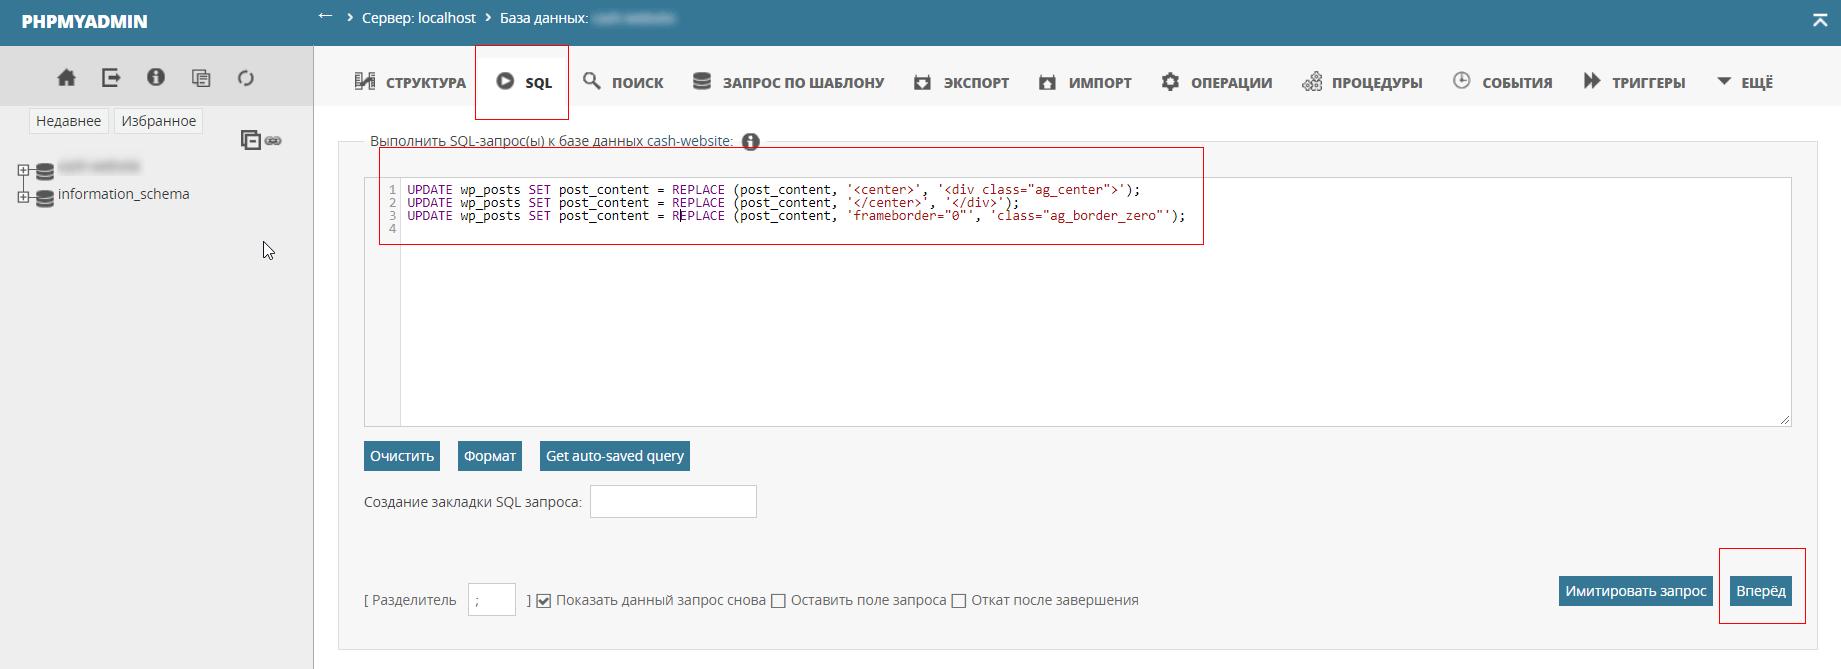 SQL запросы в панели управления phpMyAdmin